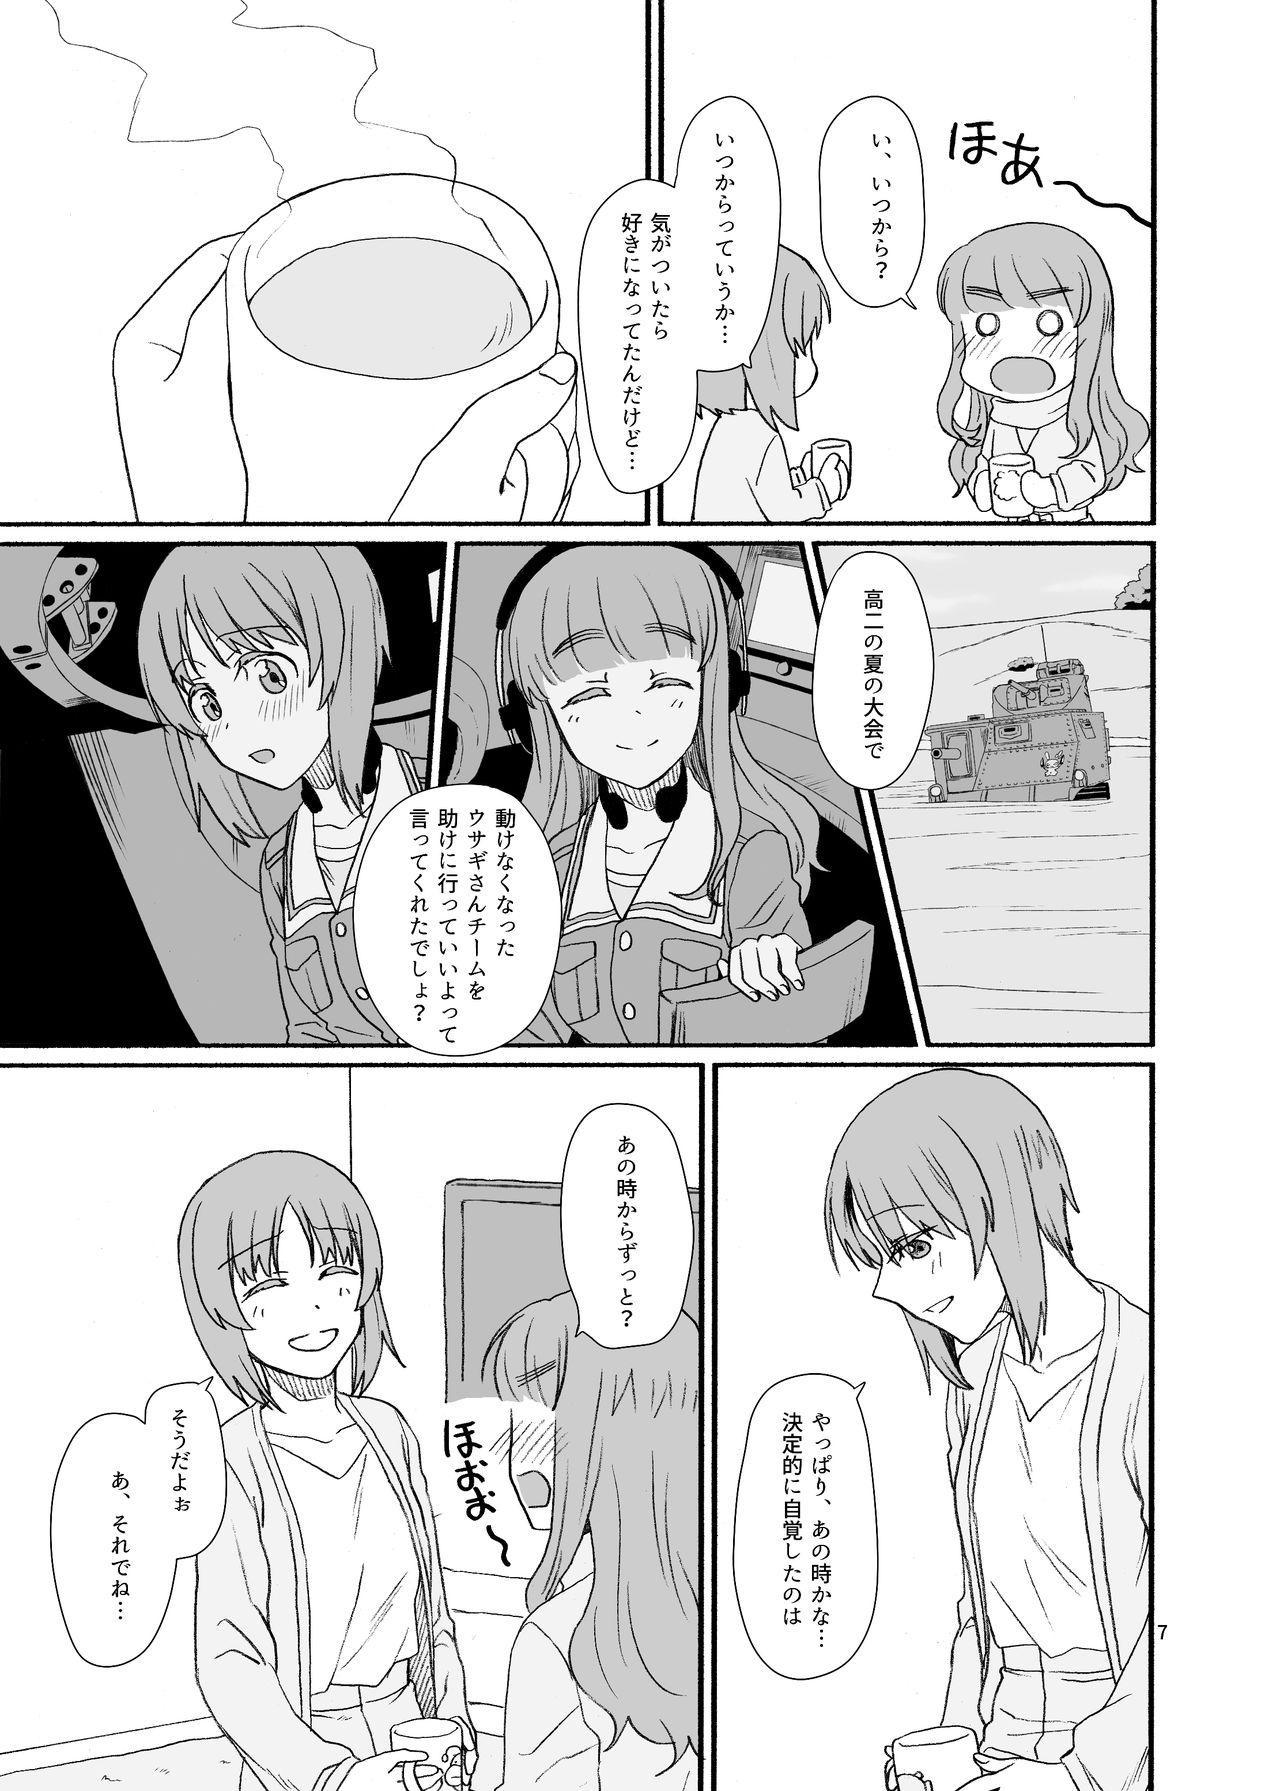 Saori-san, Tsukiatte Kudasai! 5